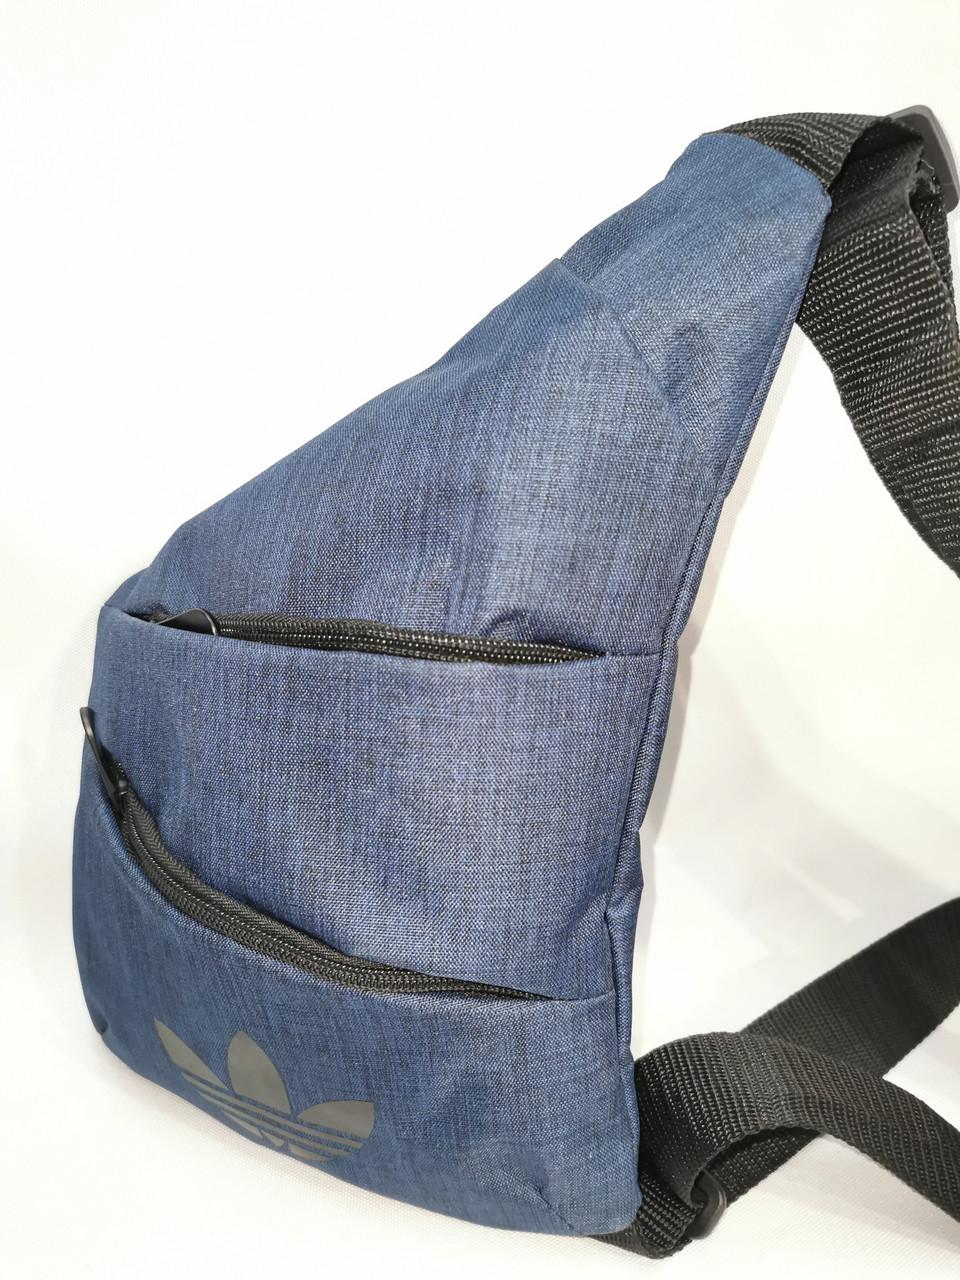 Барсетка слінг на груди ADIDAS месенджер Унісекс/Сумка спортивні для через плече(ОПТ)